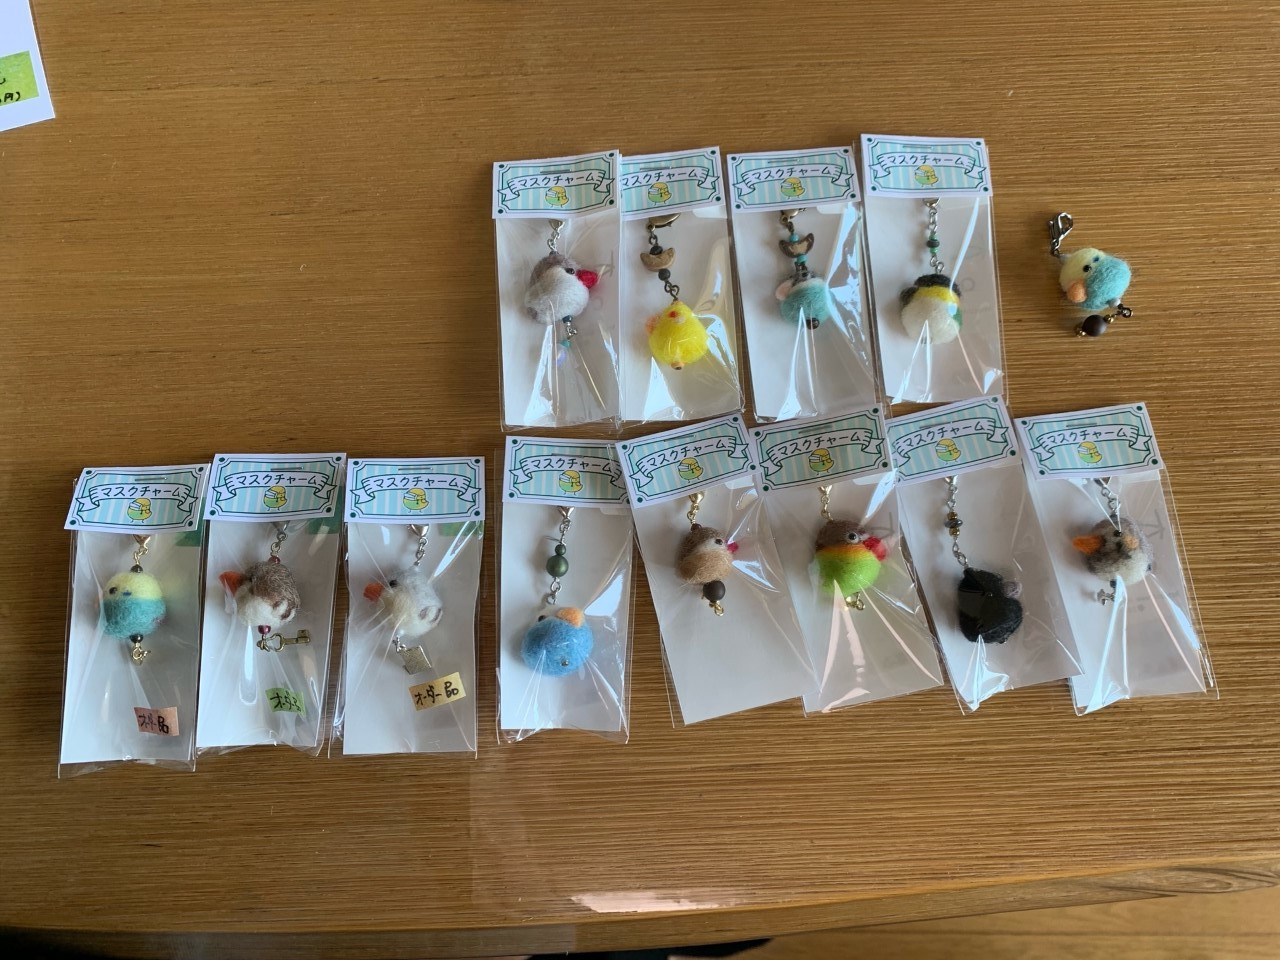 鳥展 KiwaNumaさん羊毛フェルト作品 通販開始します_d0322493_11125837.jpg